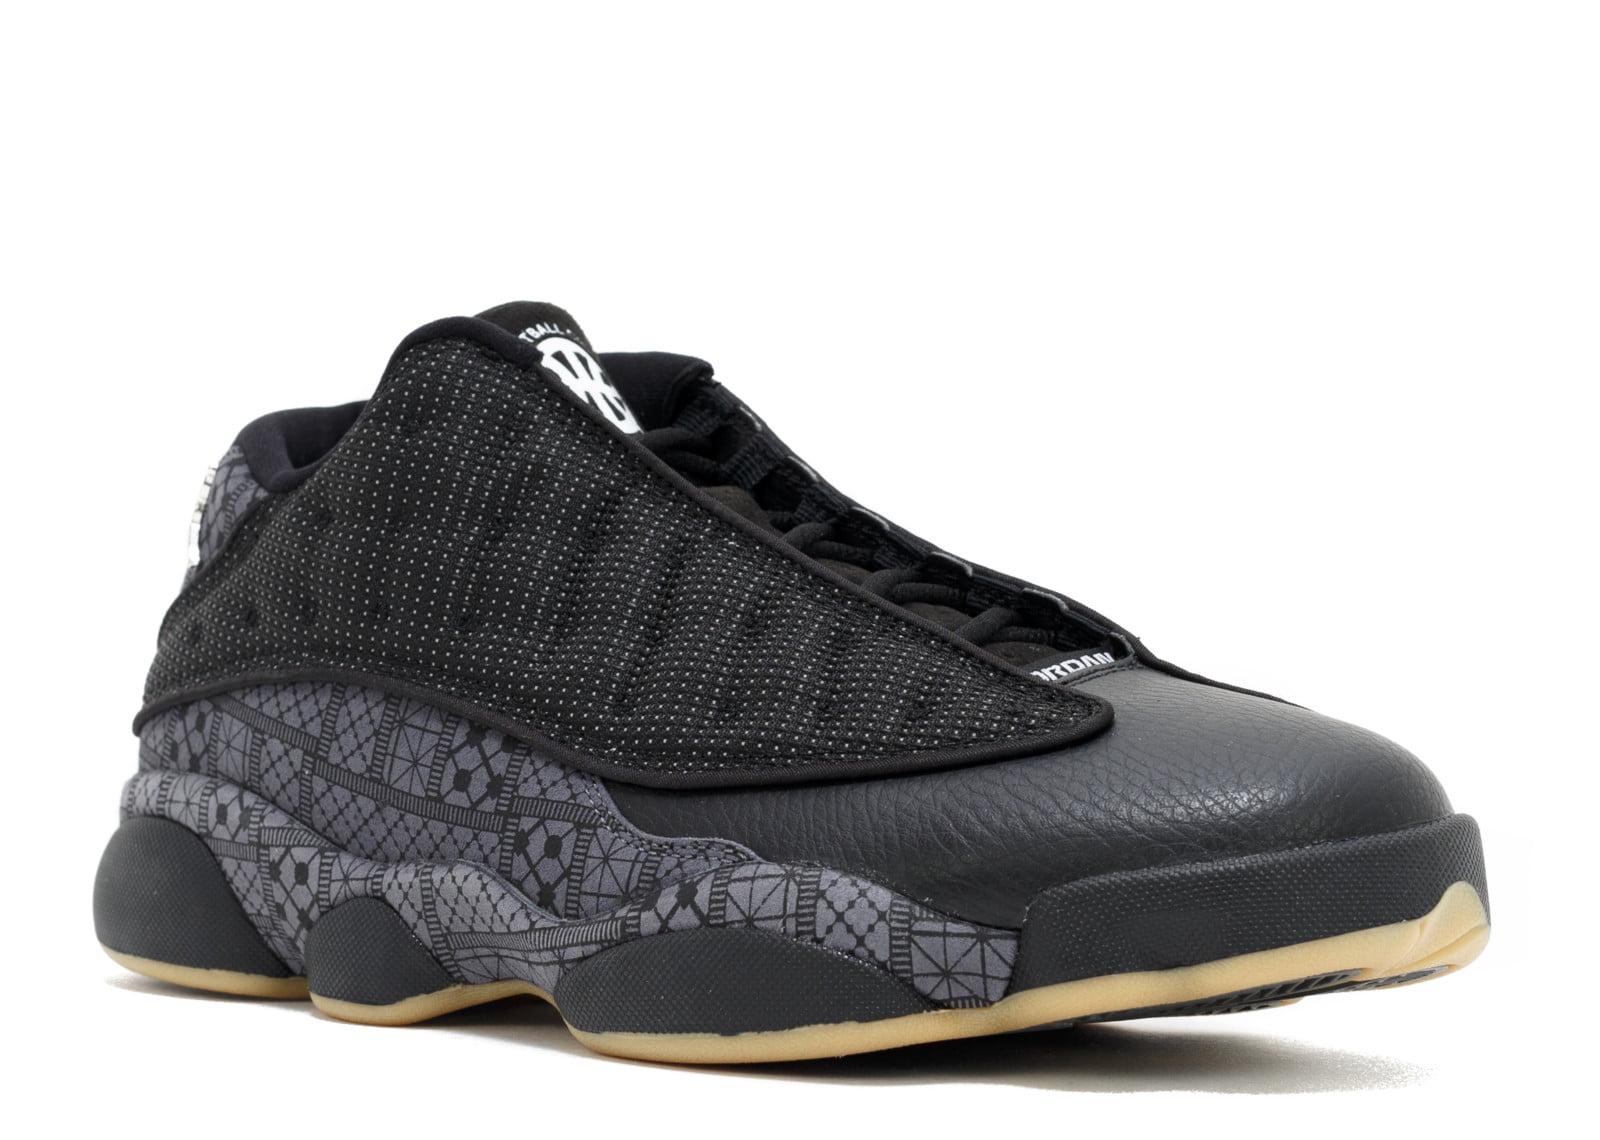 Air Jordan 13 Retro Low Q54 'Quai 54